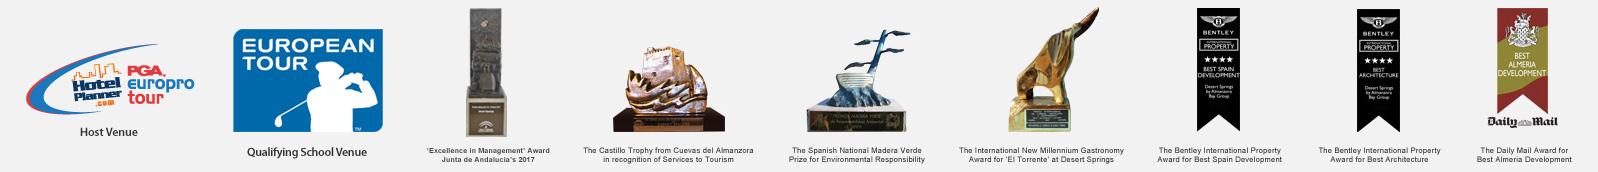 desert springs resort awards